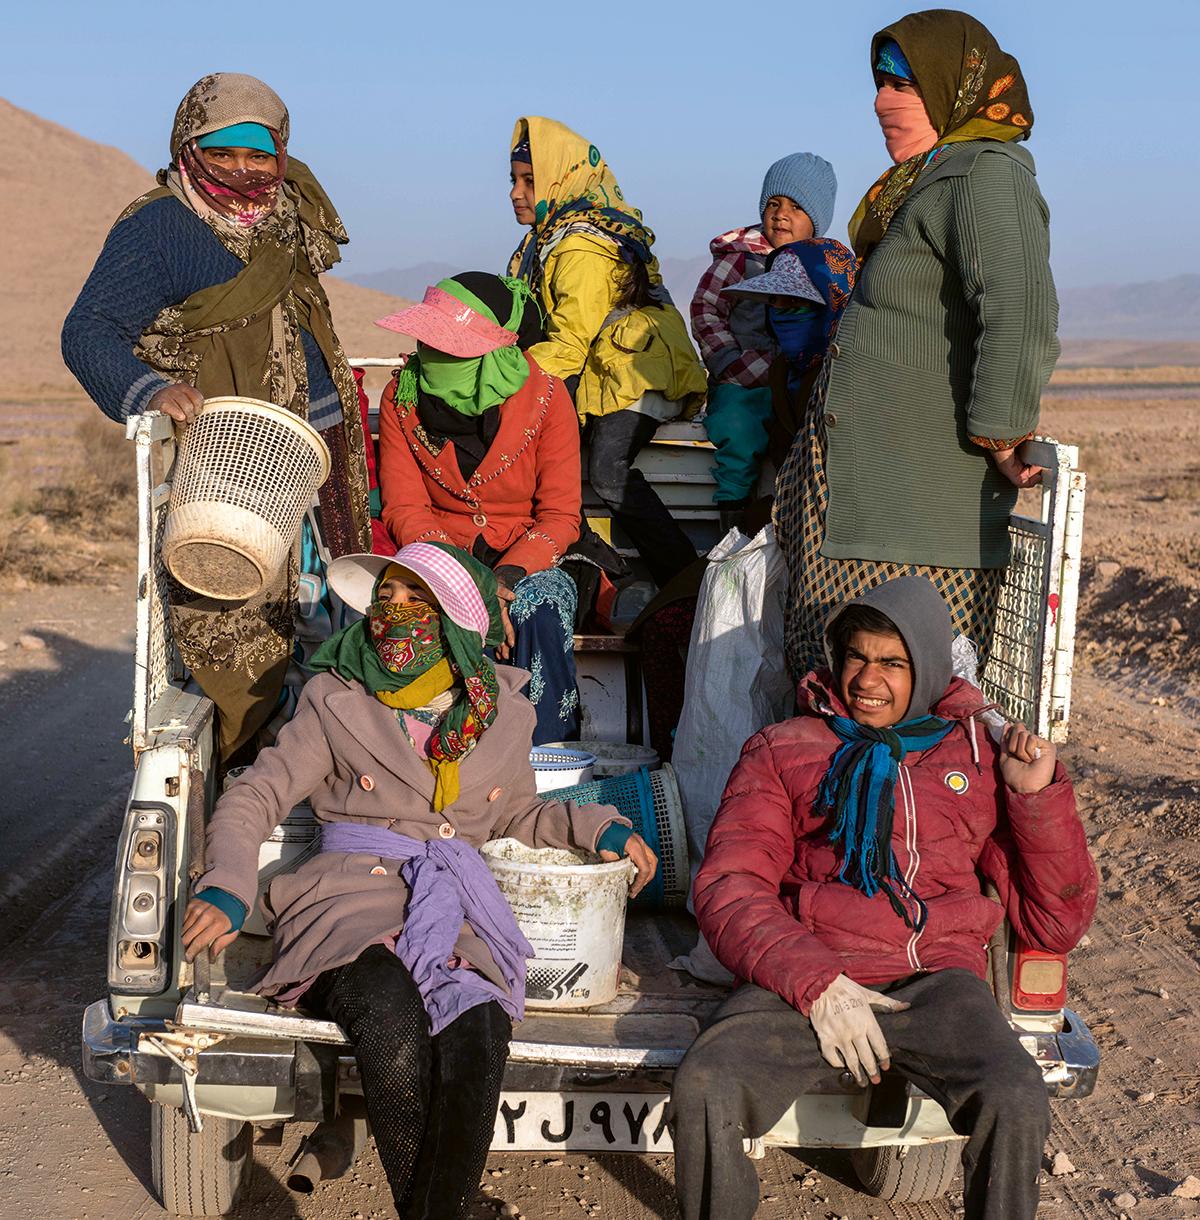 İran'ın kırmızı hazinesi: Safran | Atlas | Keşfet